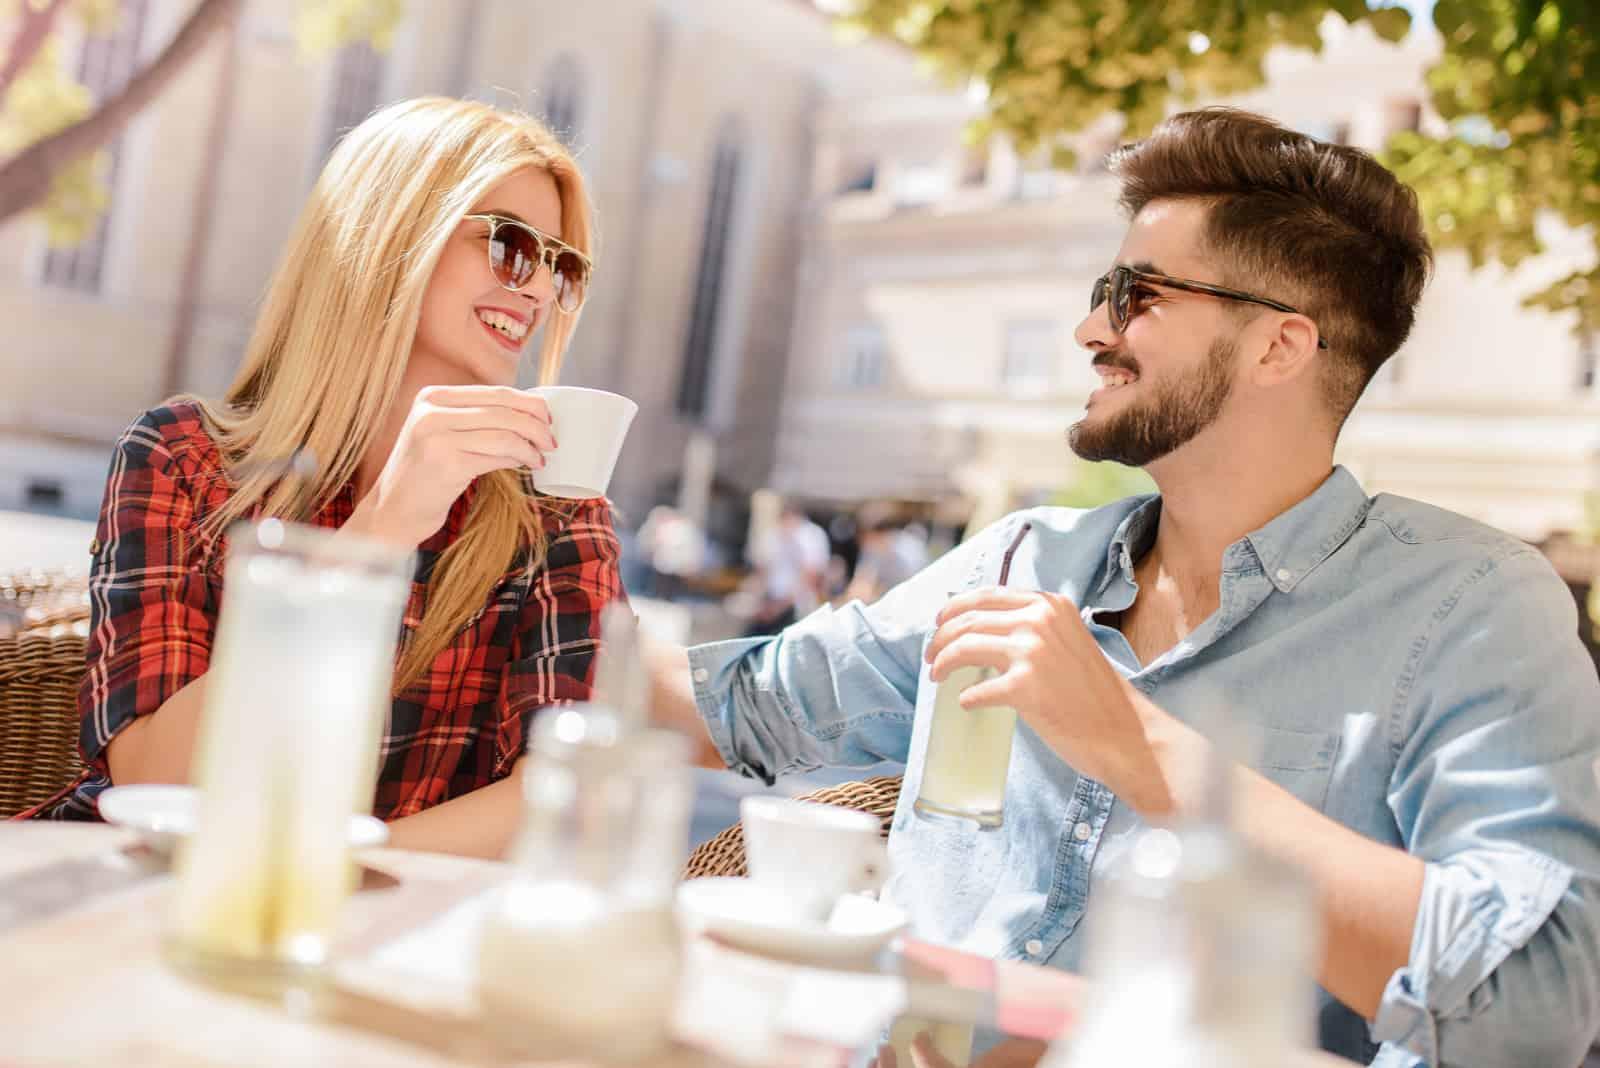 un homme et une femme sont assis en train de boire du café et de rire